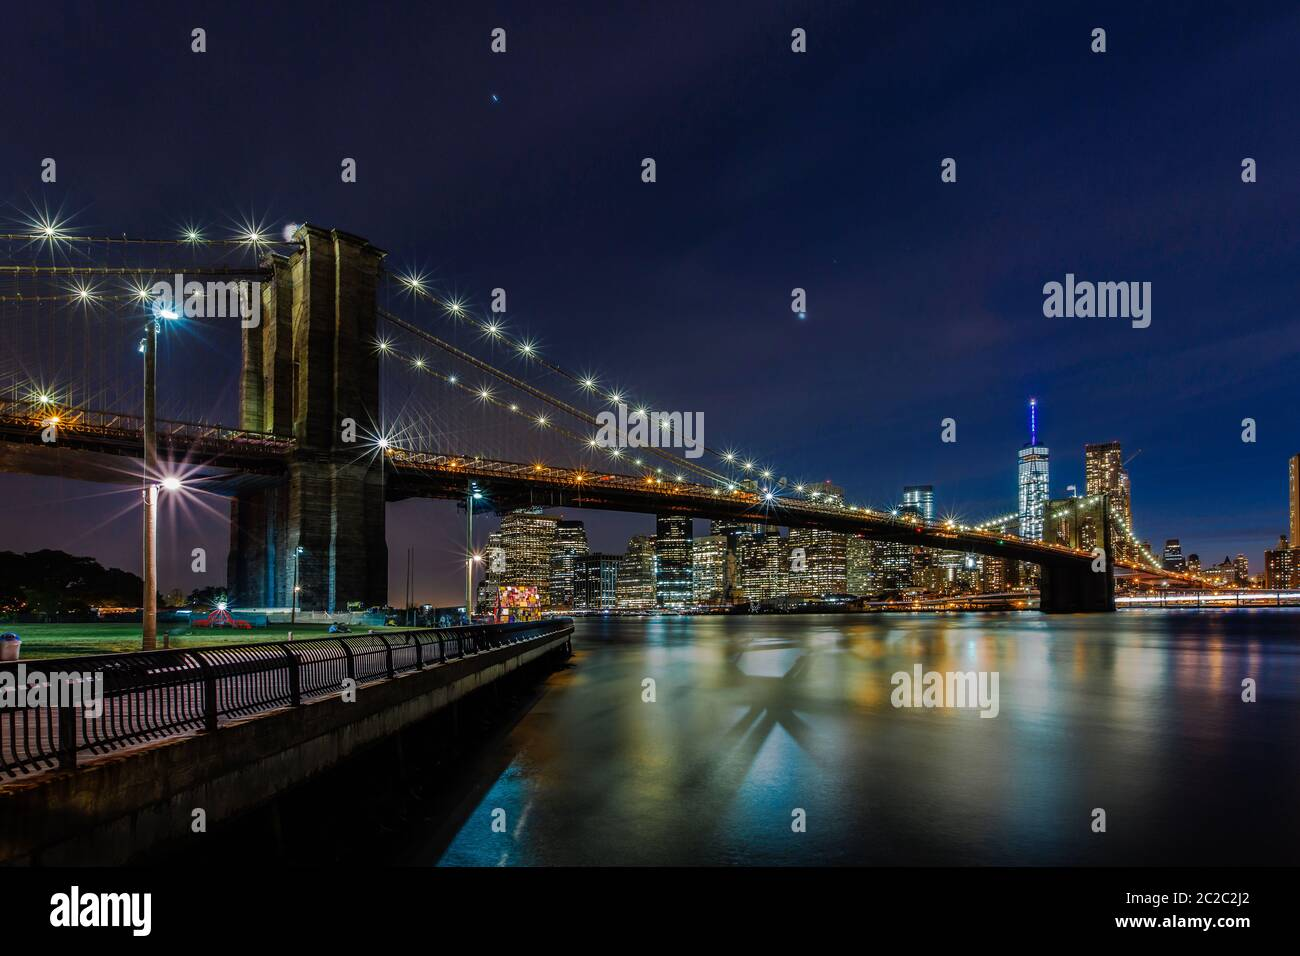 Crépuscule au pont de Brooklyn et Manhattan Skyline, New York, United States Banque D'Images